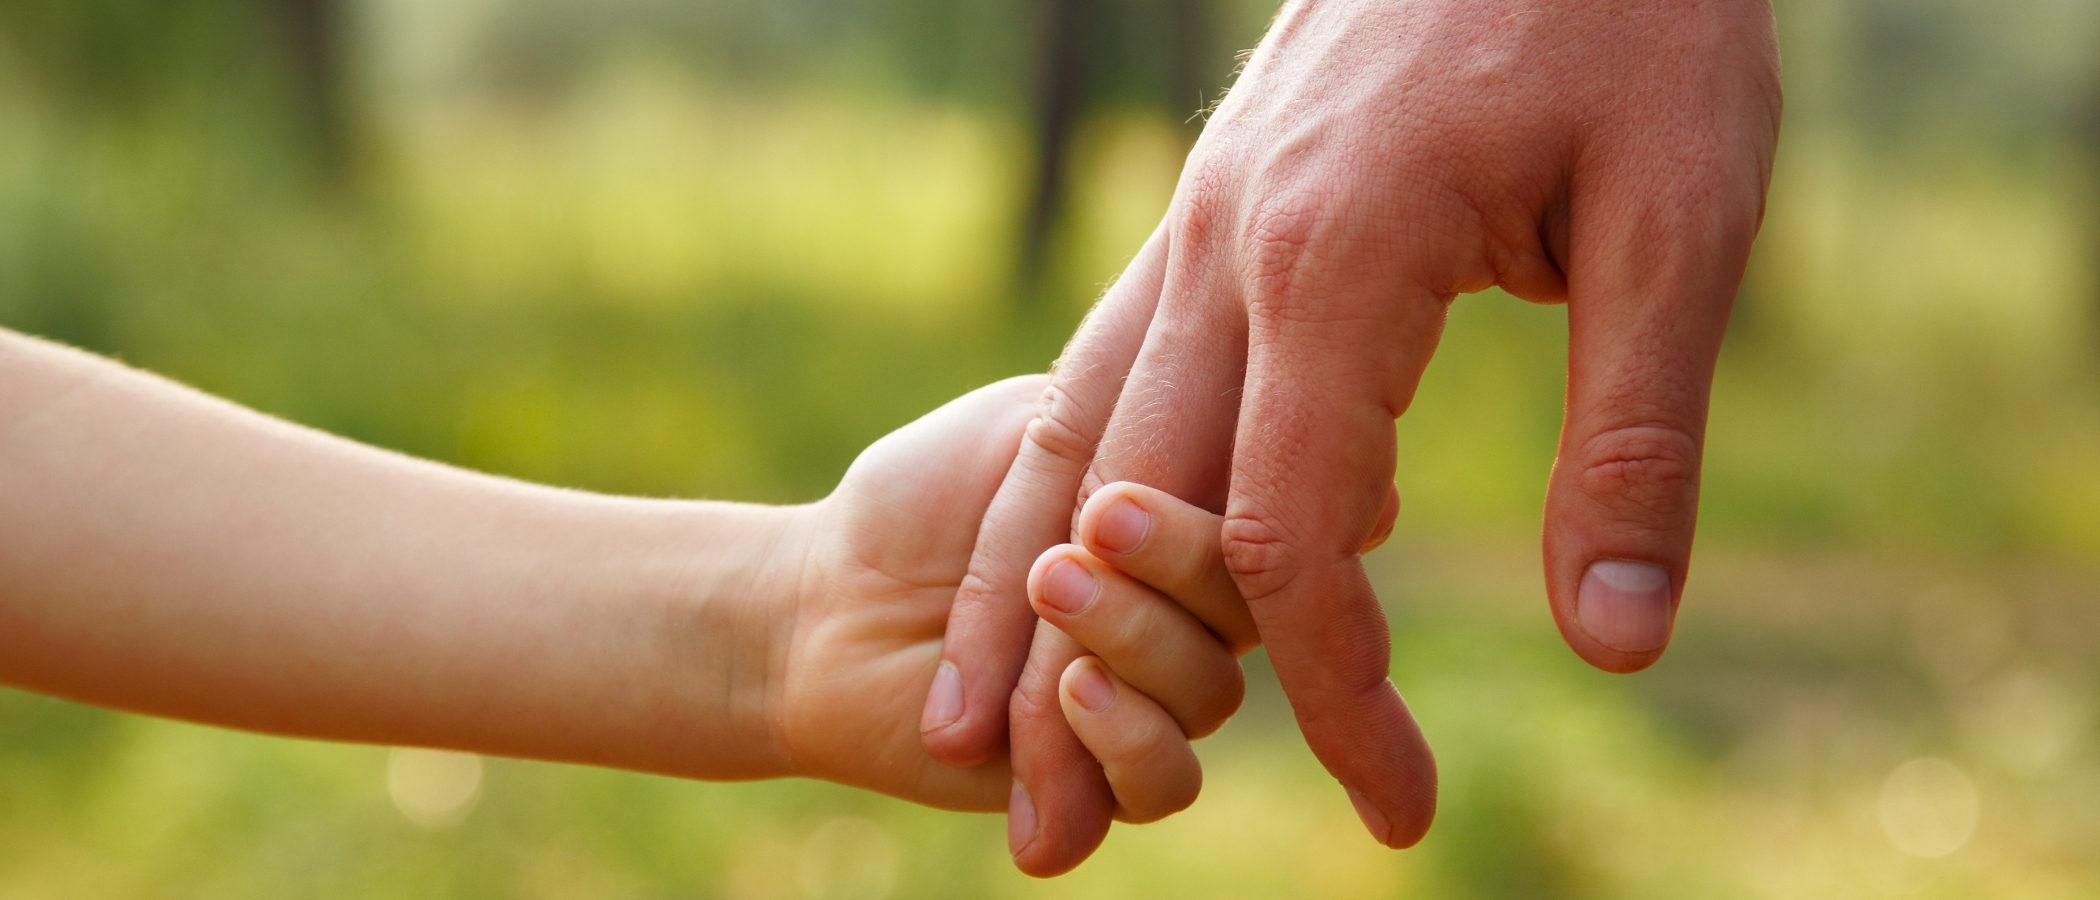 Un testamento arreglaría muchos problemas, y muchos padres lo hacen por precaución